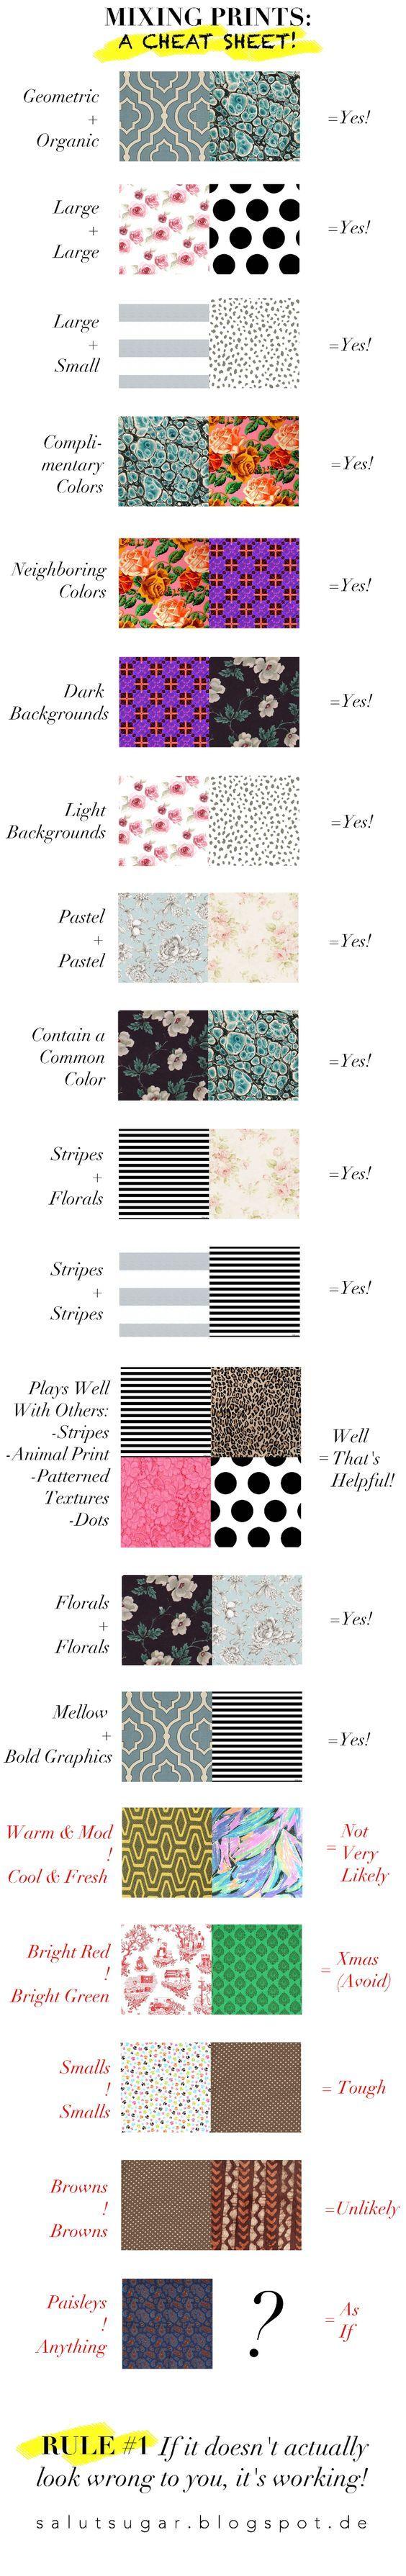 Print Mixing Inspiration: